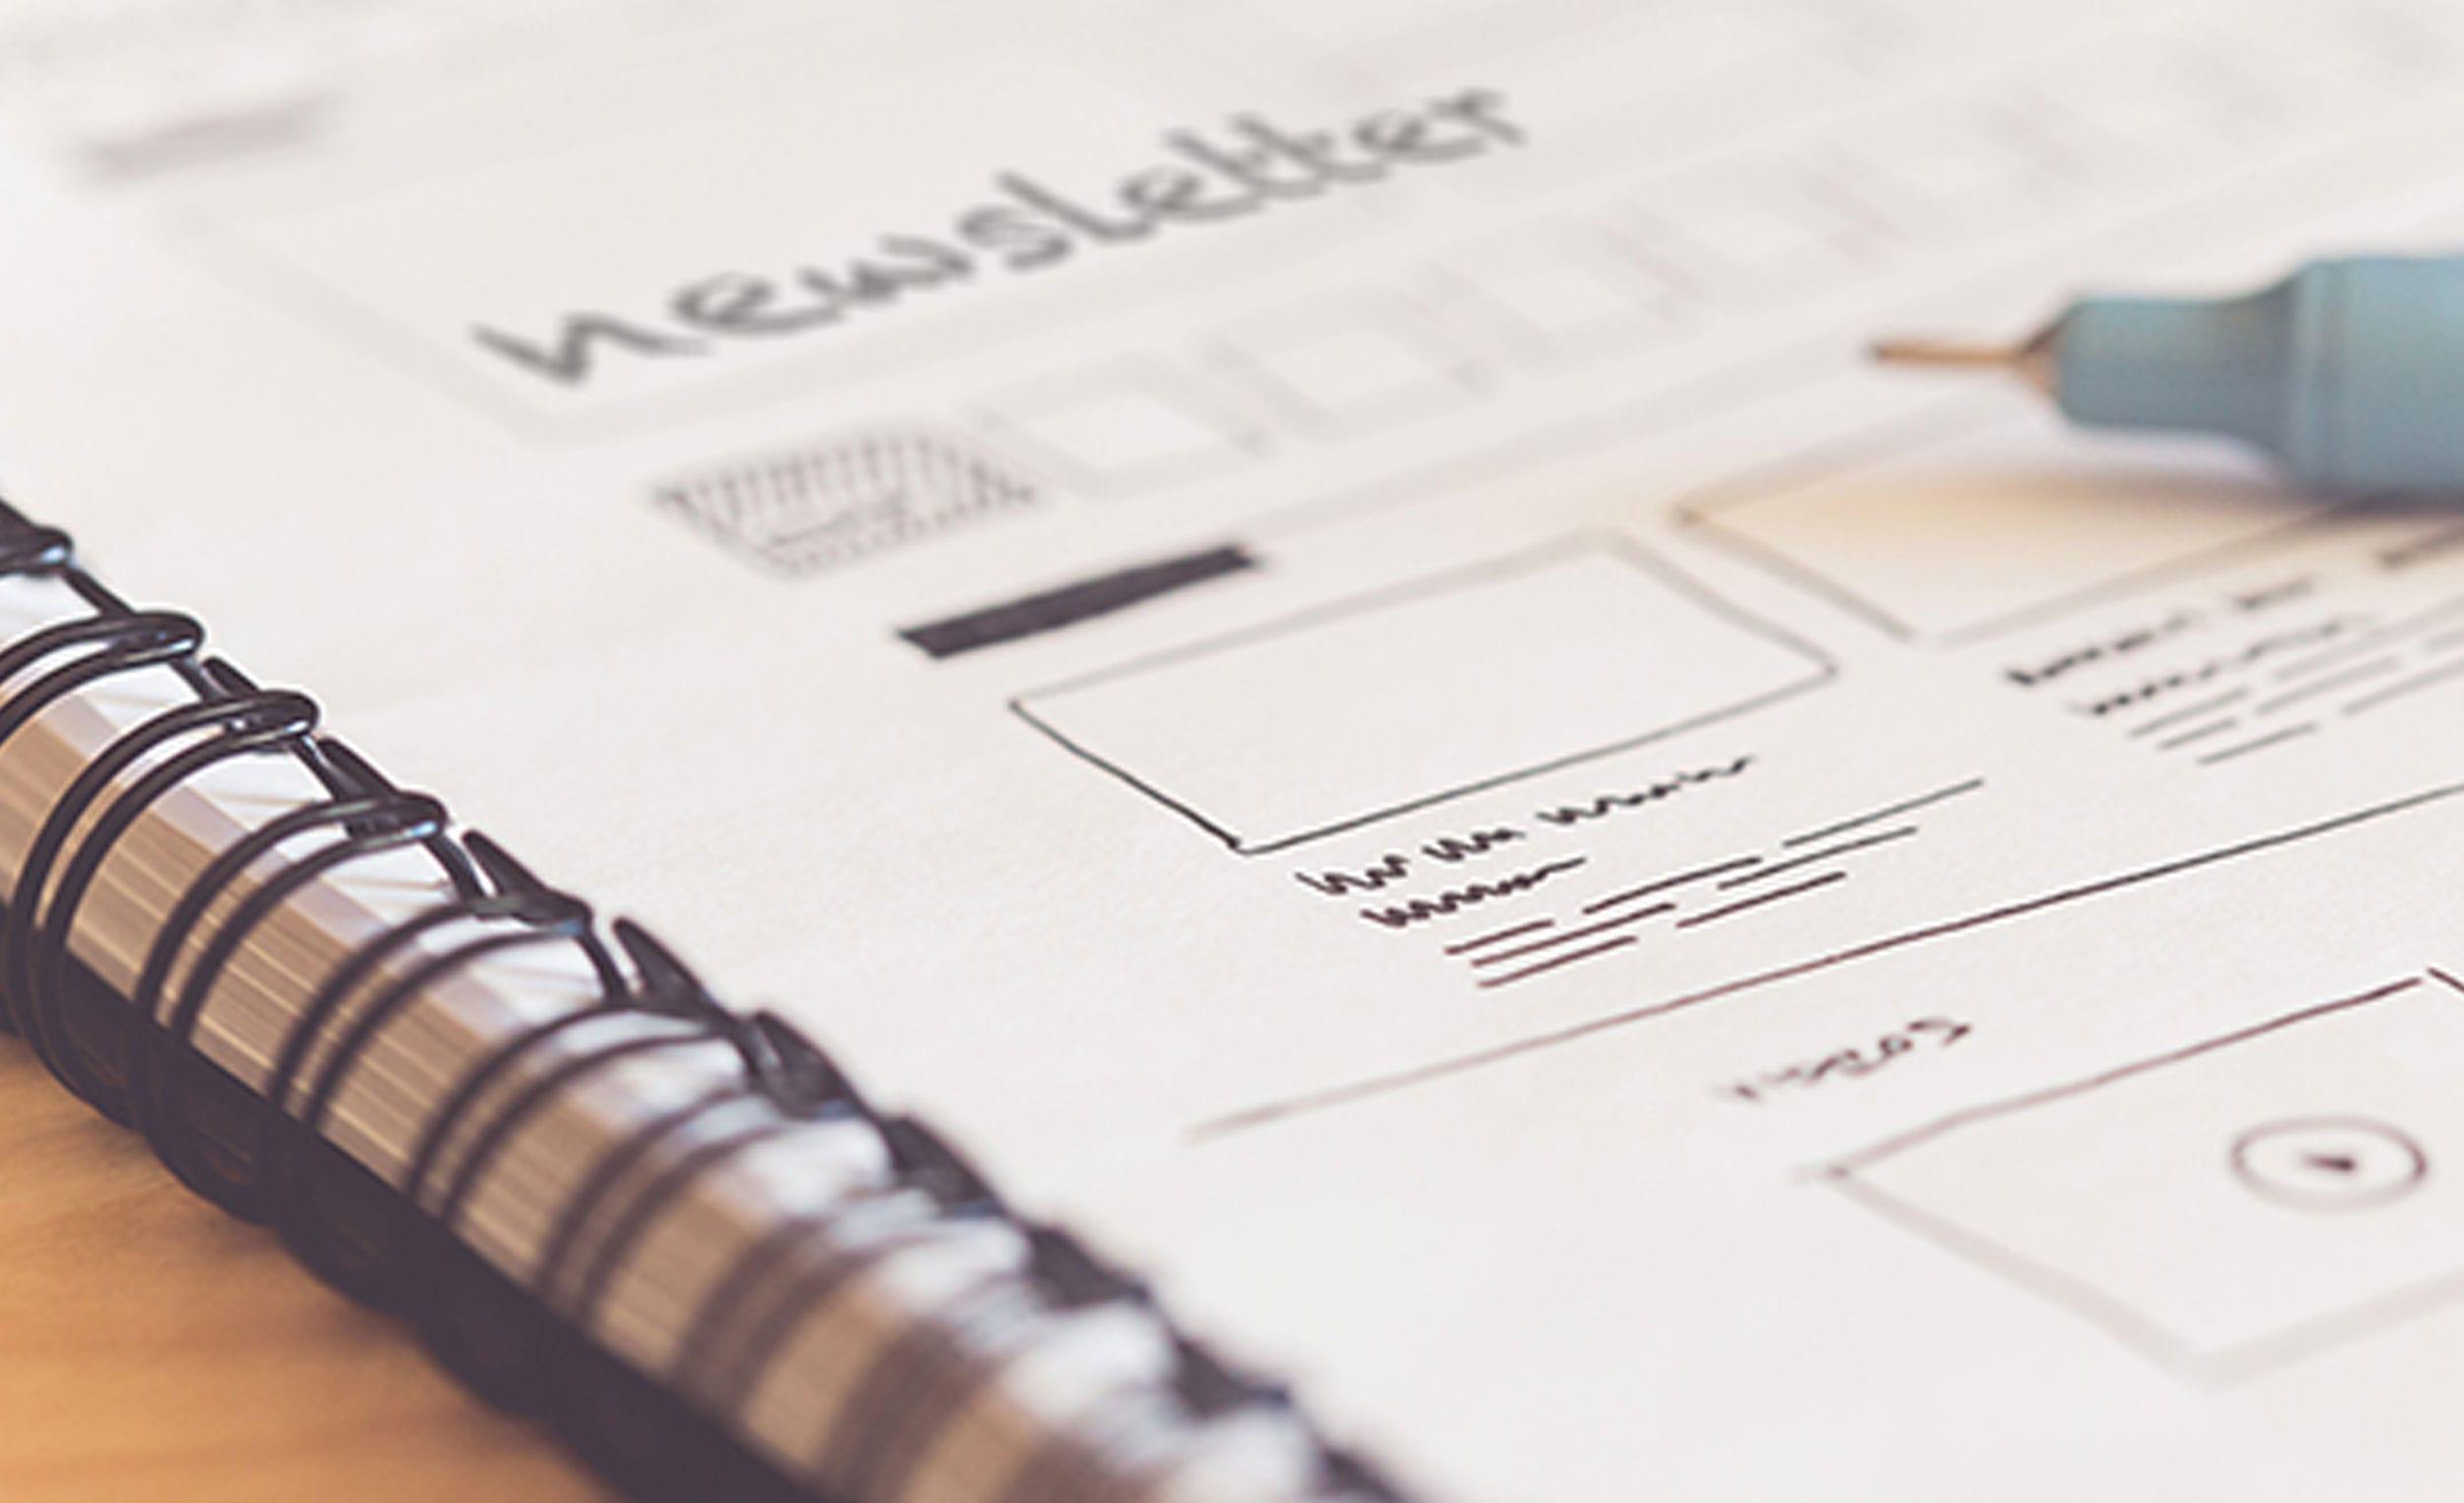 Tre consigli per creare una newsletter impeccabile